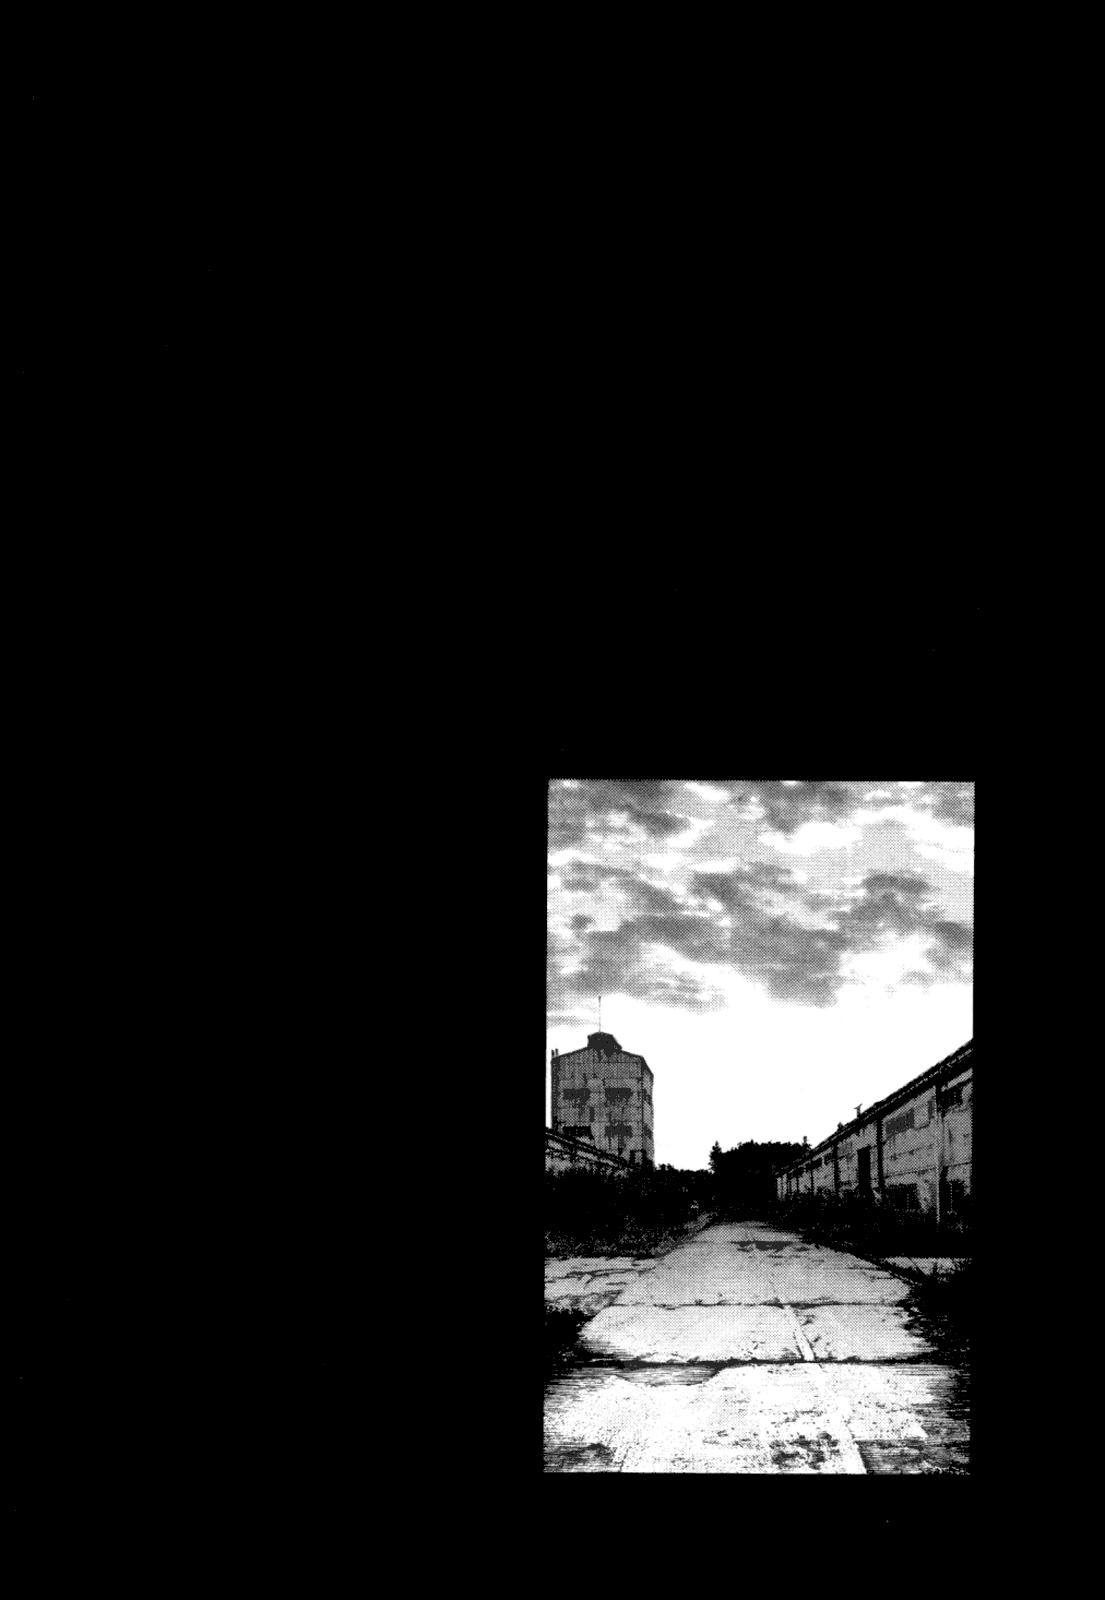 https://nine.mangadogs.com/br_manga/pic/59/6587/6500381/OyasumiPunpun144_0_823.png Page 1